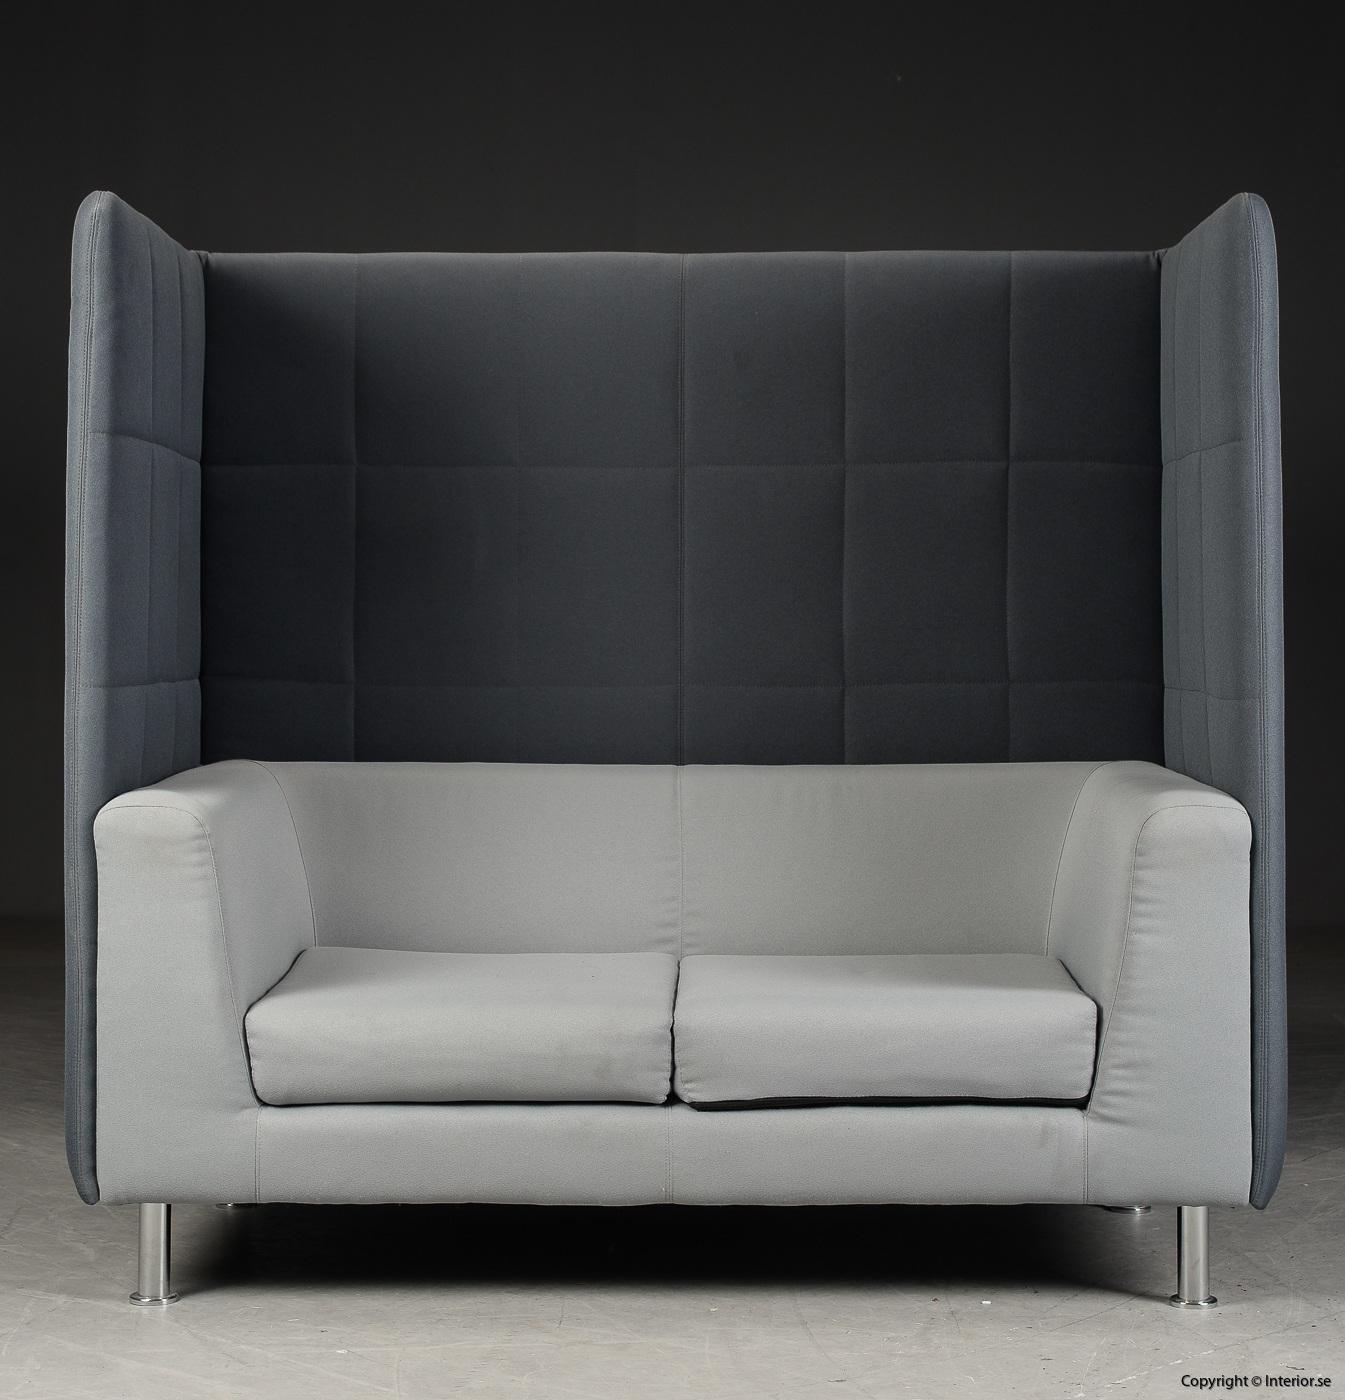 Soffa med högt ryggstöd, Holmris Free Air 2 High Straight modern design 3